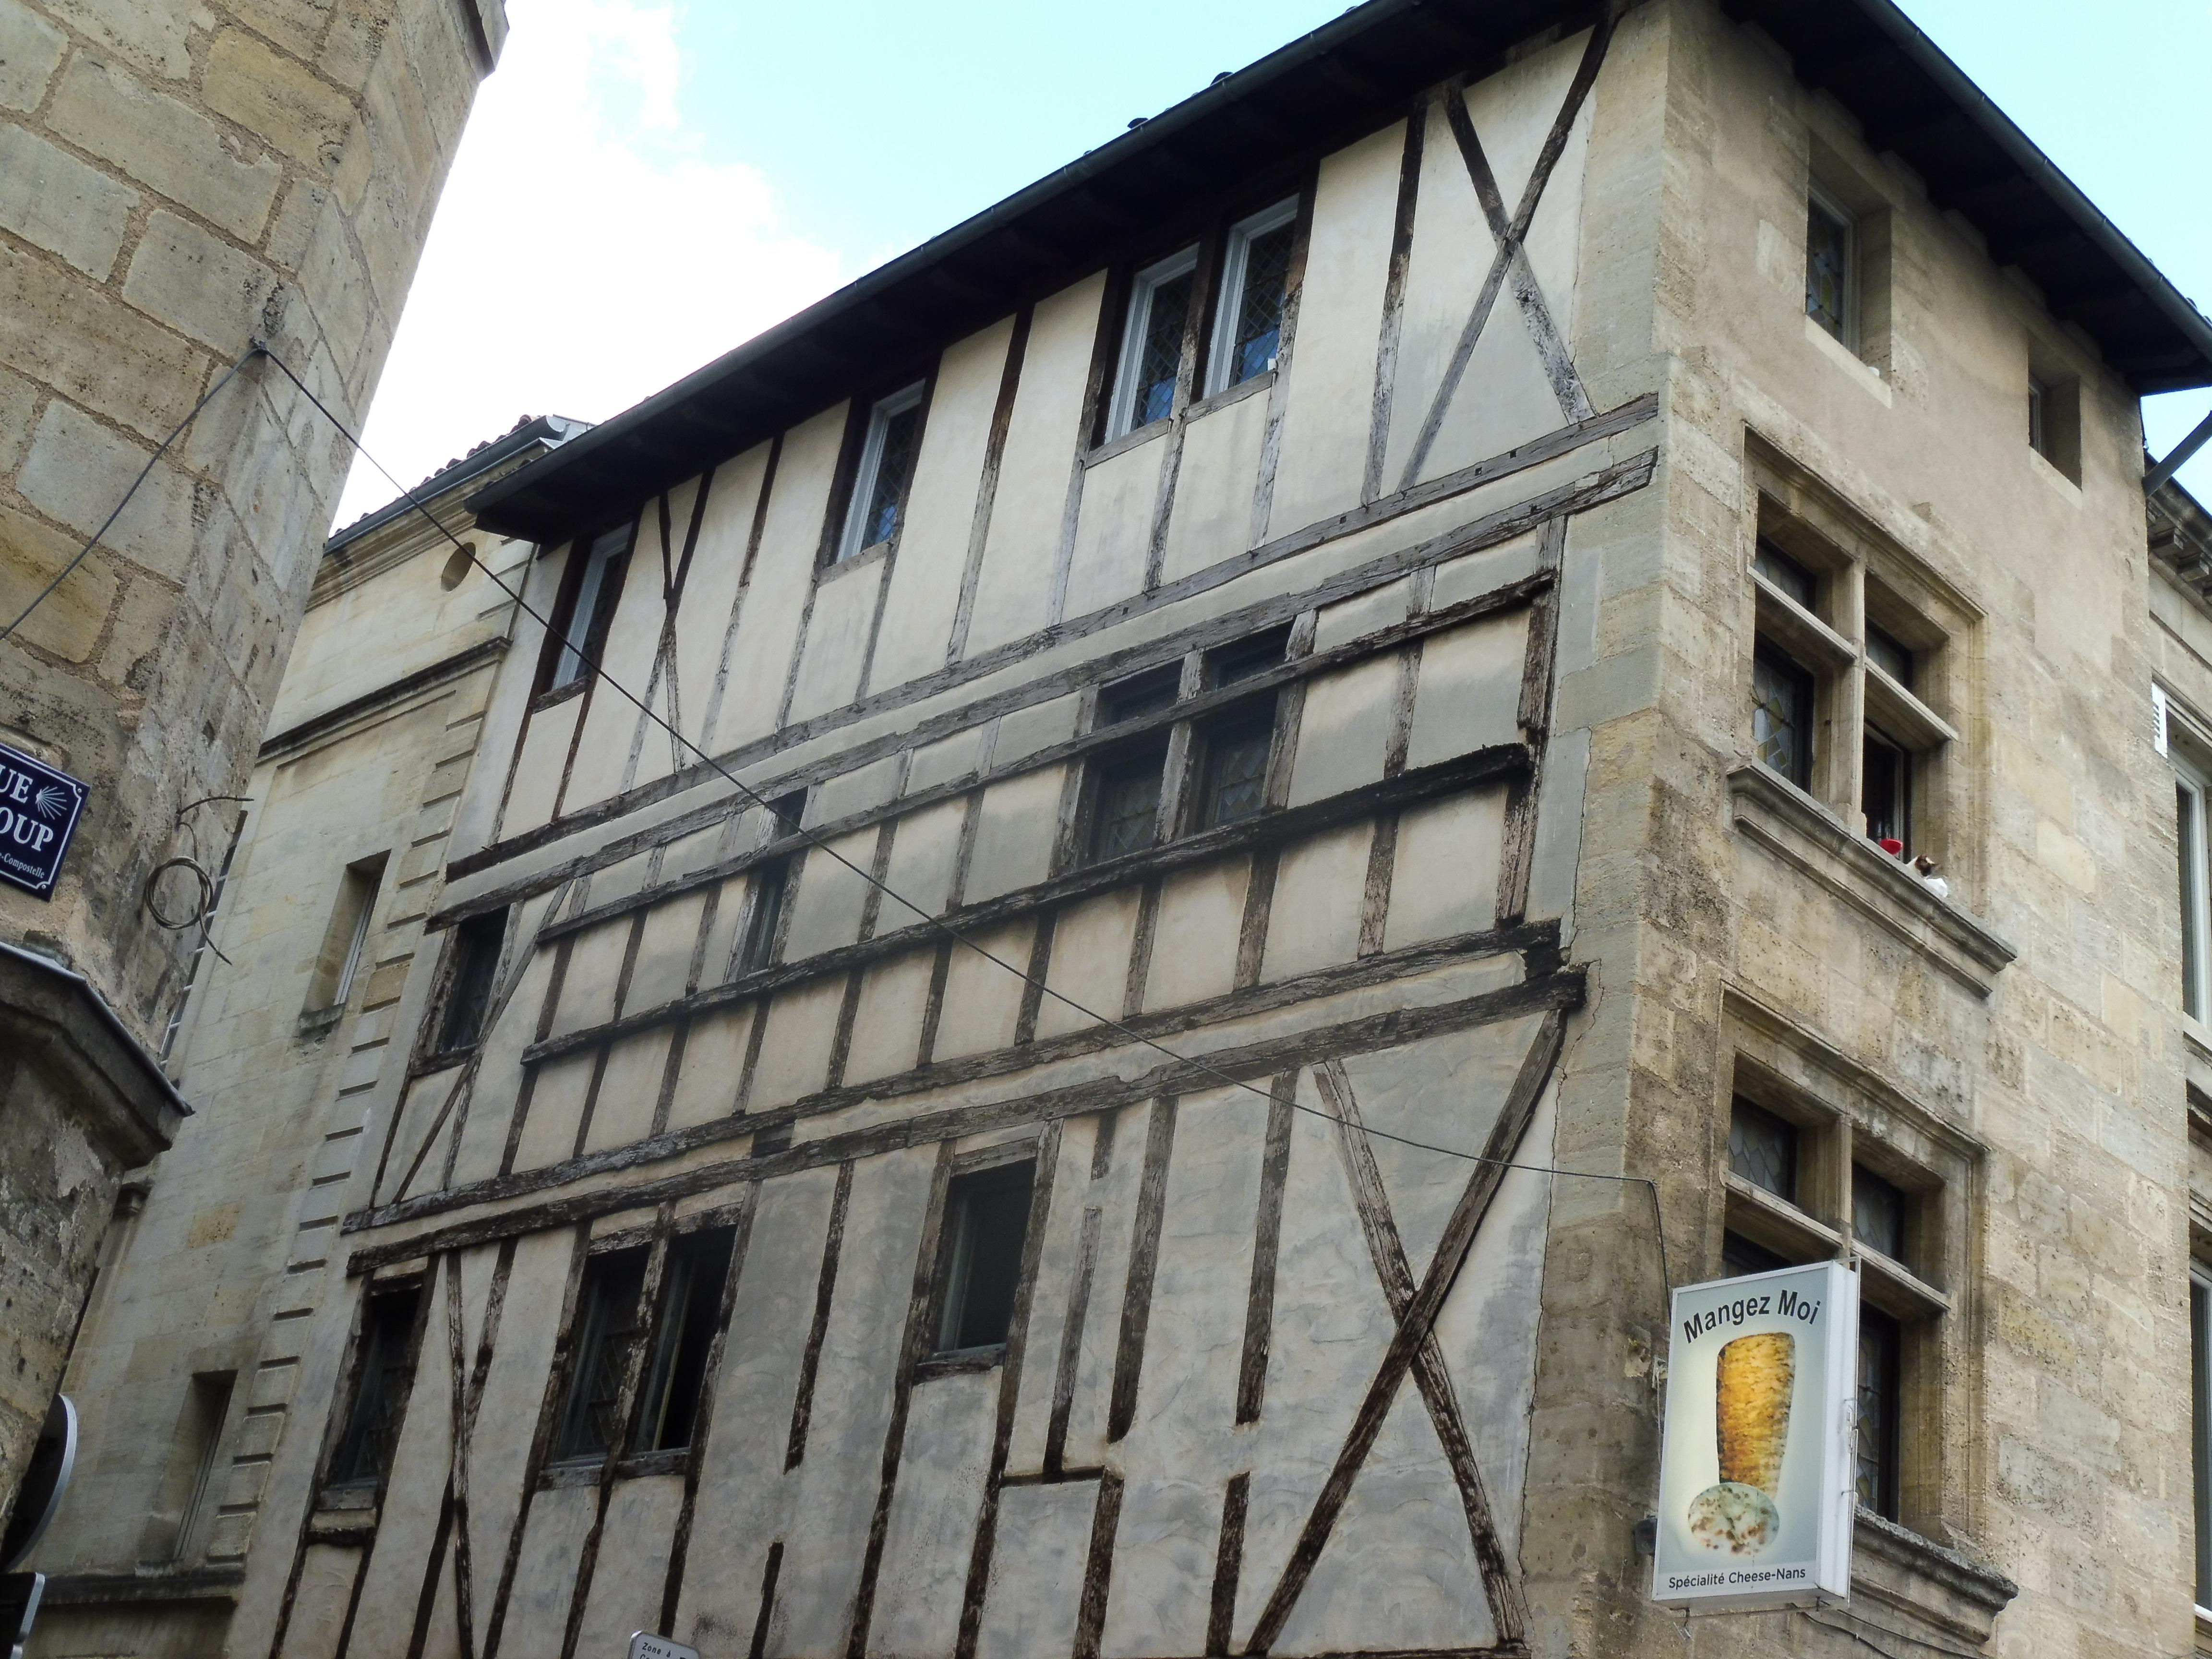 Maison Ossature Bois Bordeaux file:bordeaux-rueduloup-p1010404 - wikimedia commons